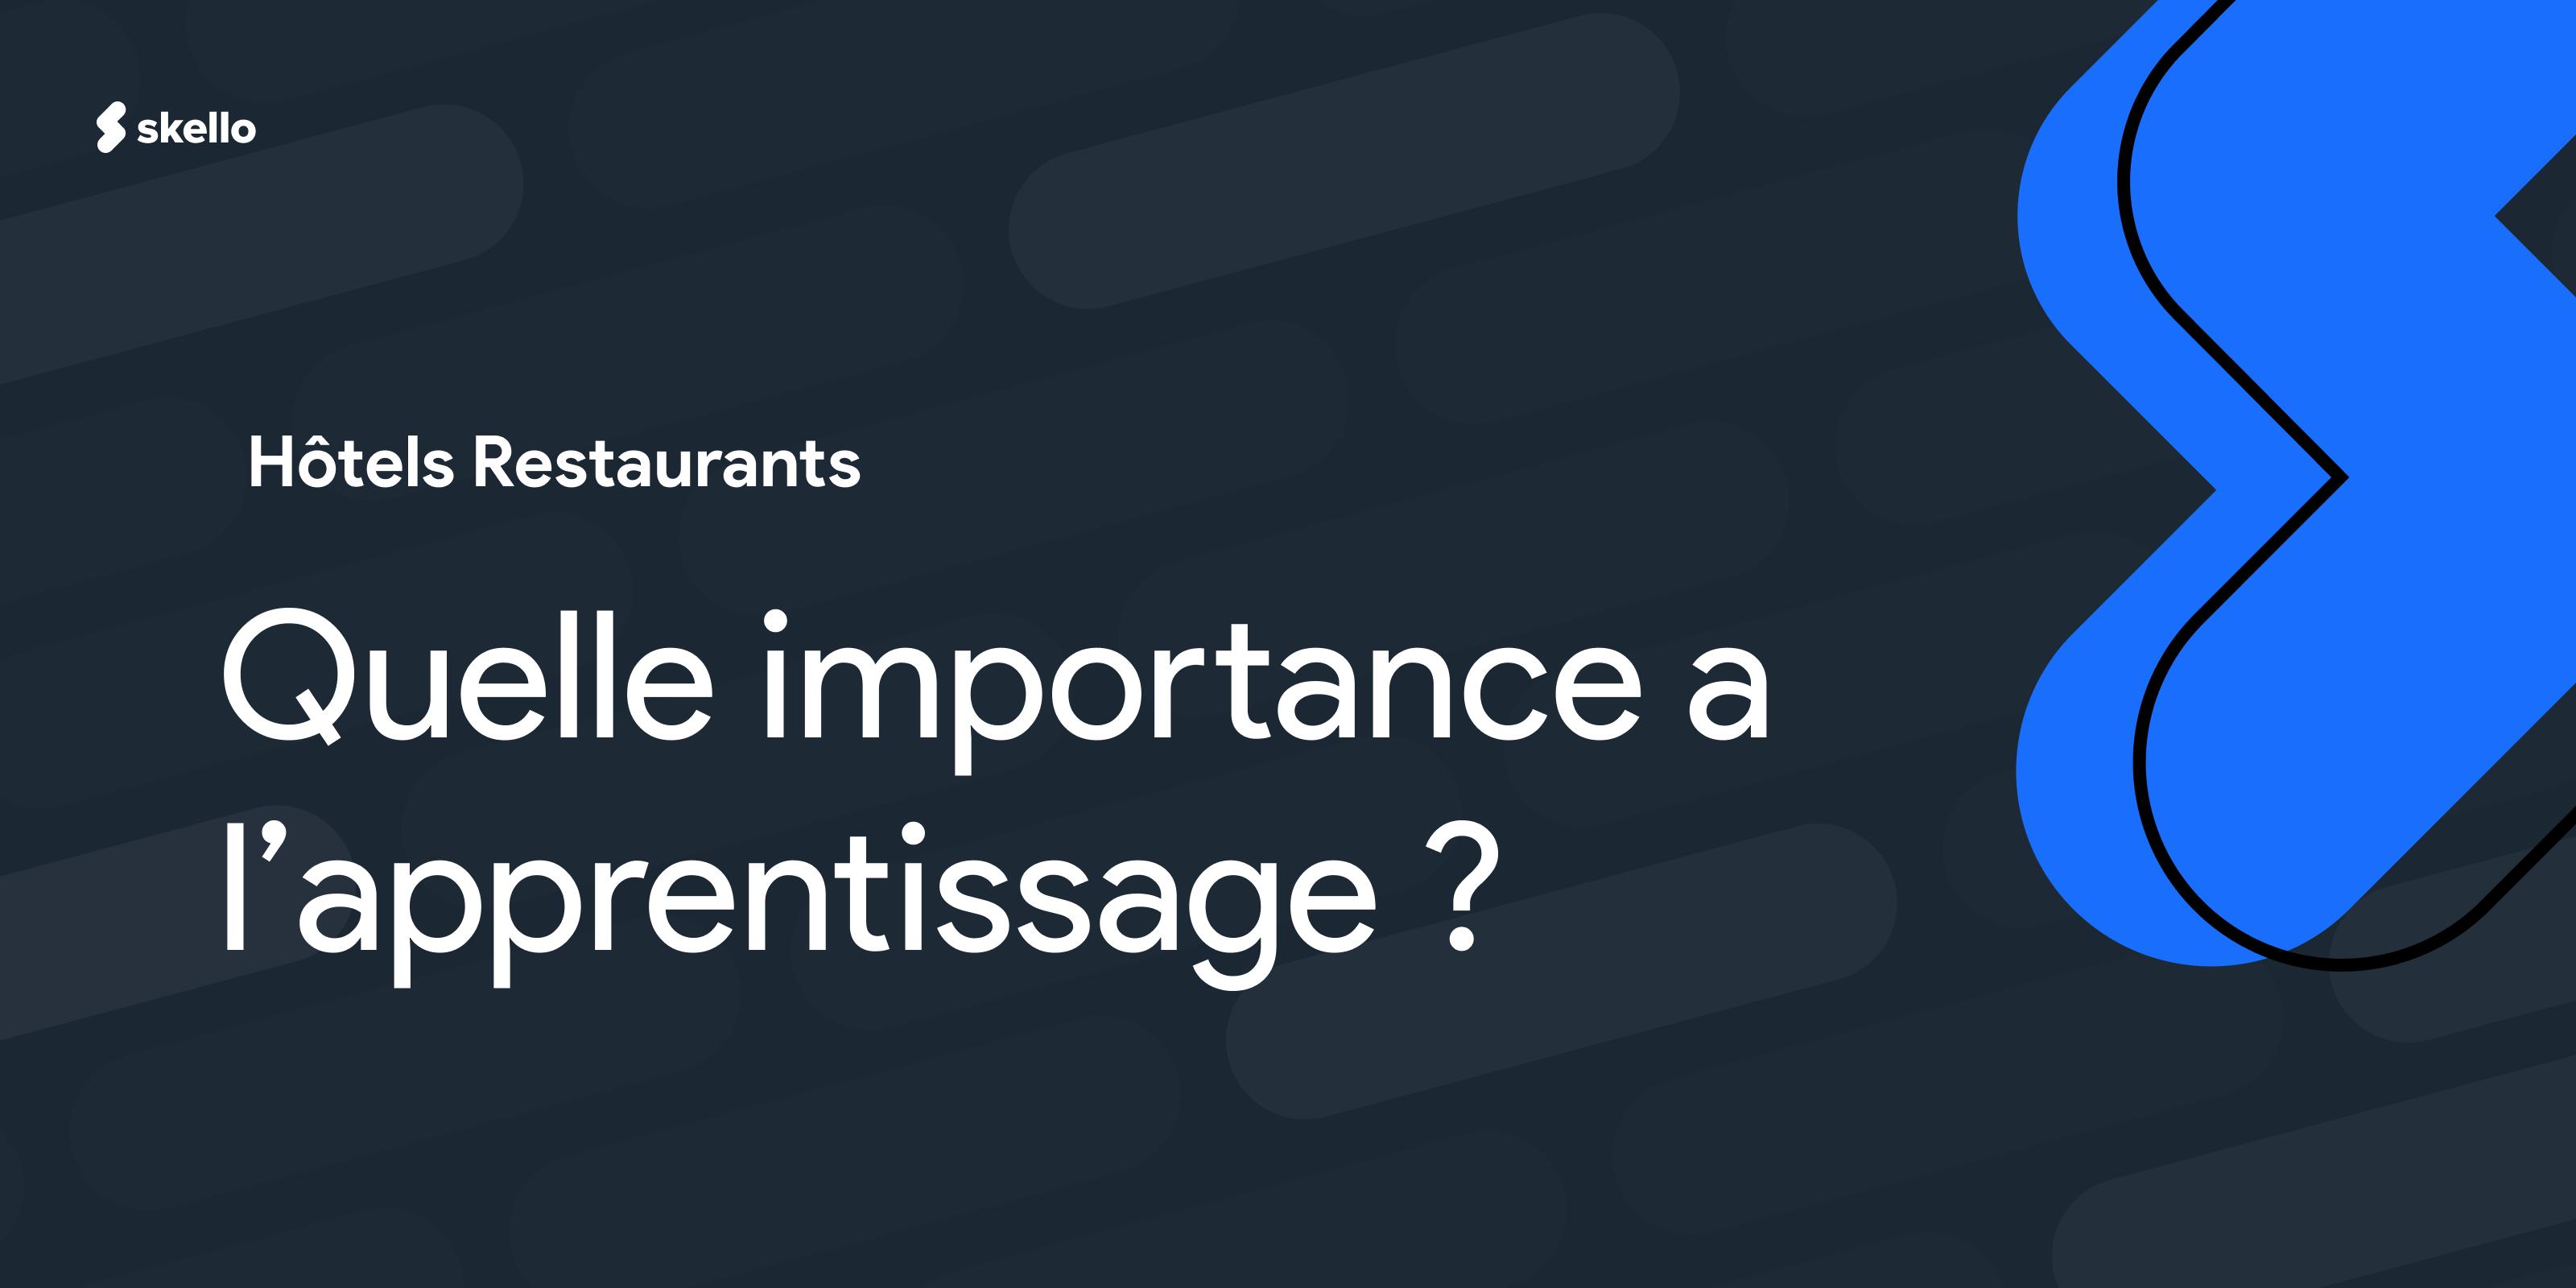 Quelle importance a l'apprentissage pour les hôtels-restaurants?